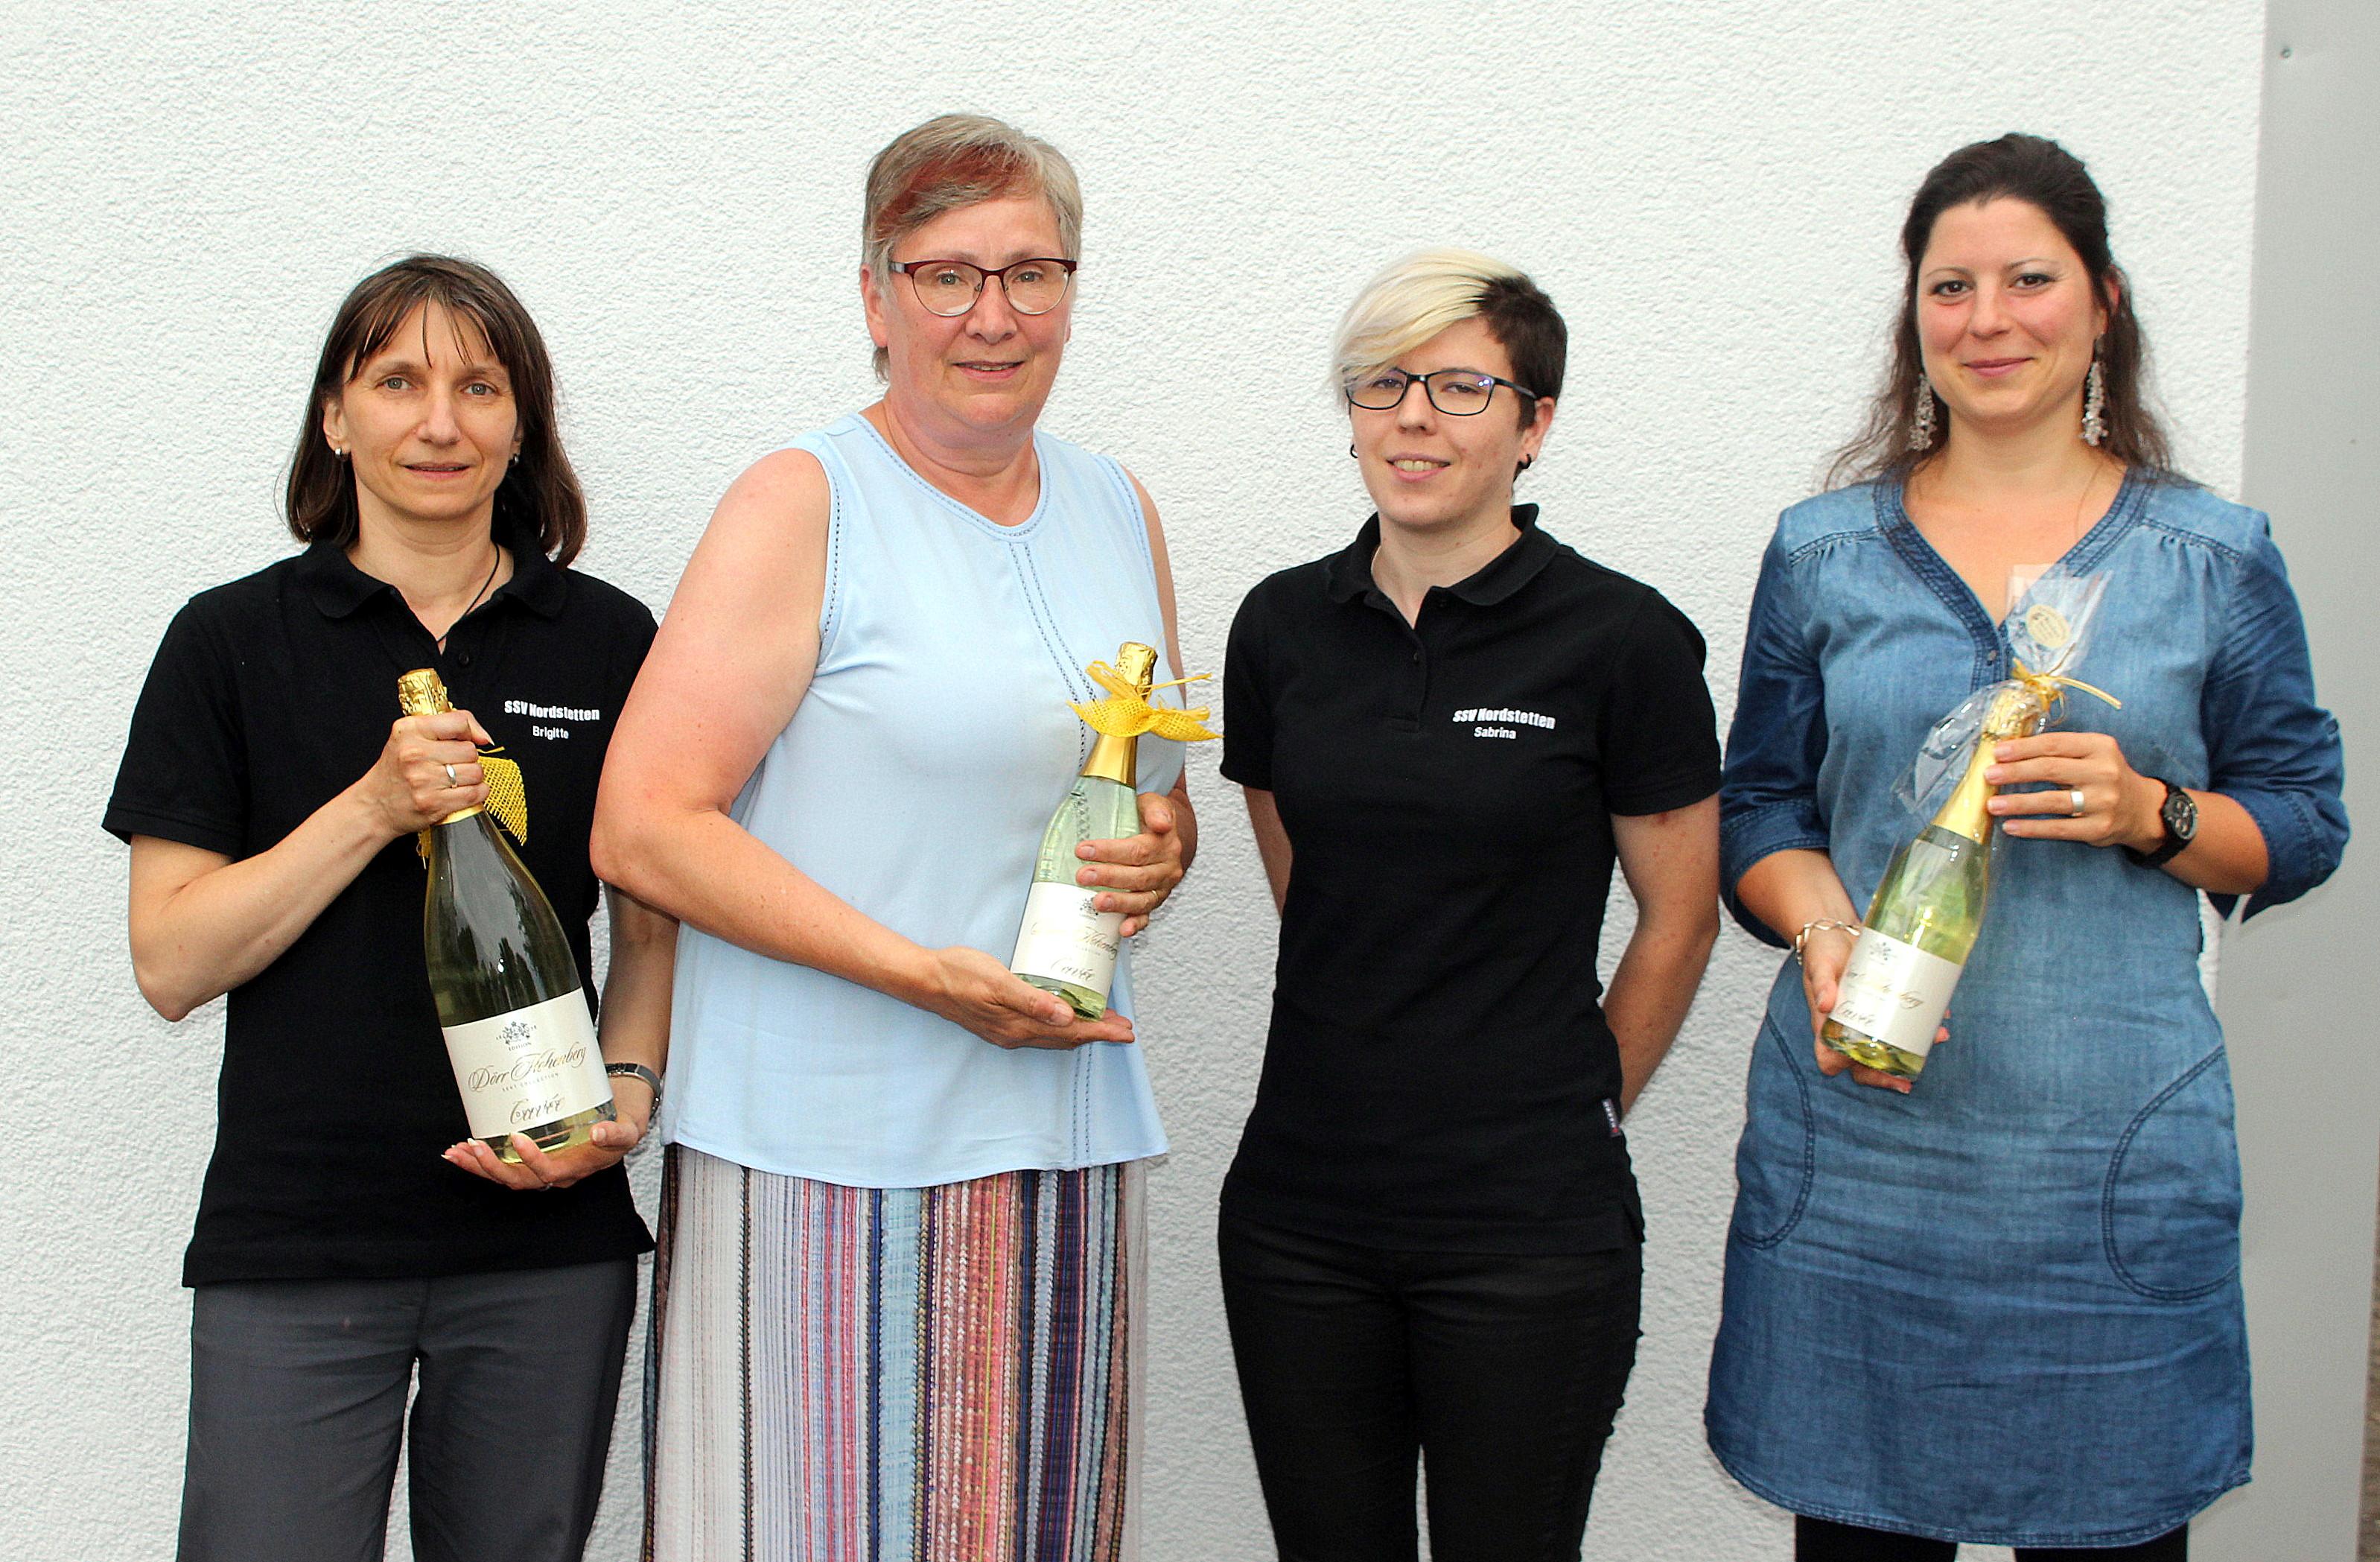 Württembergische Meisterschaften